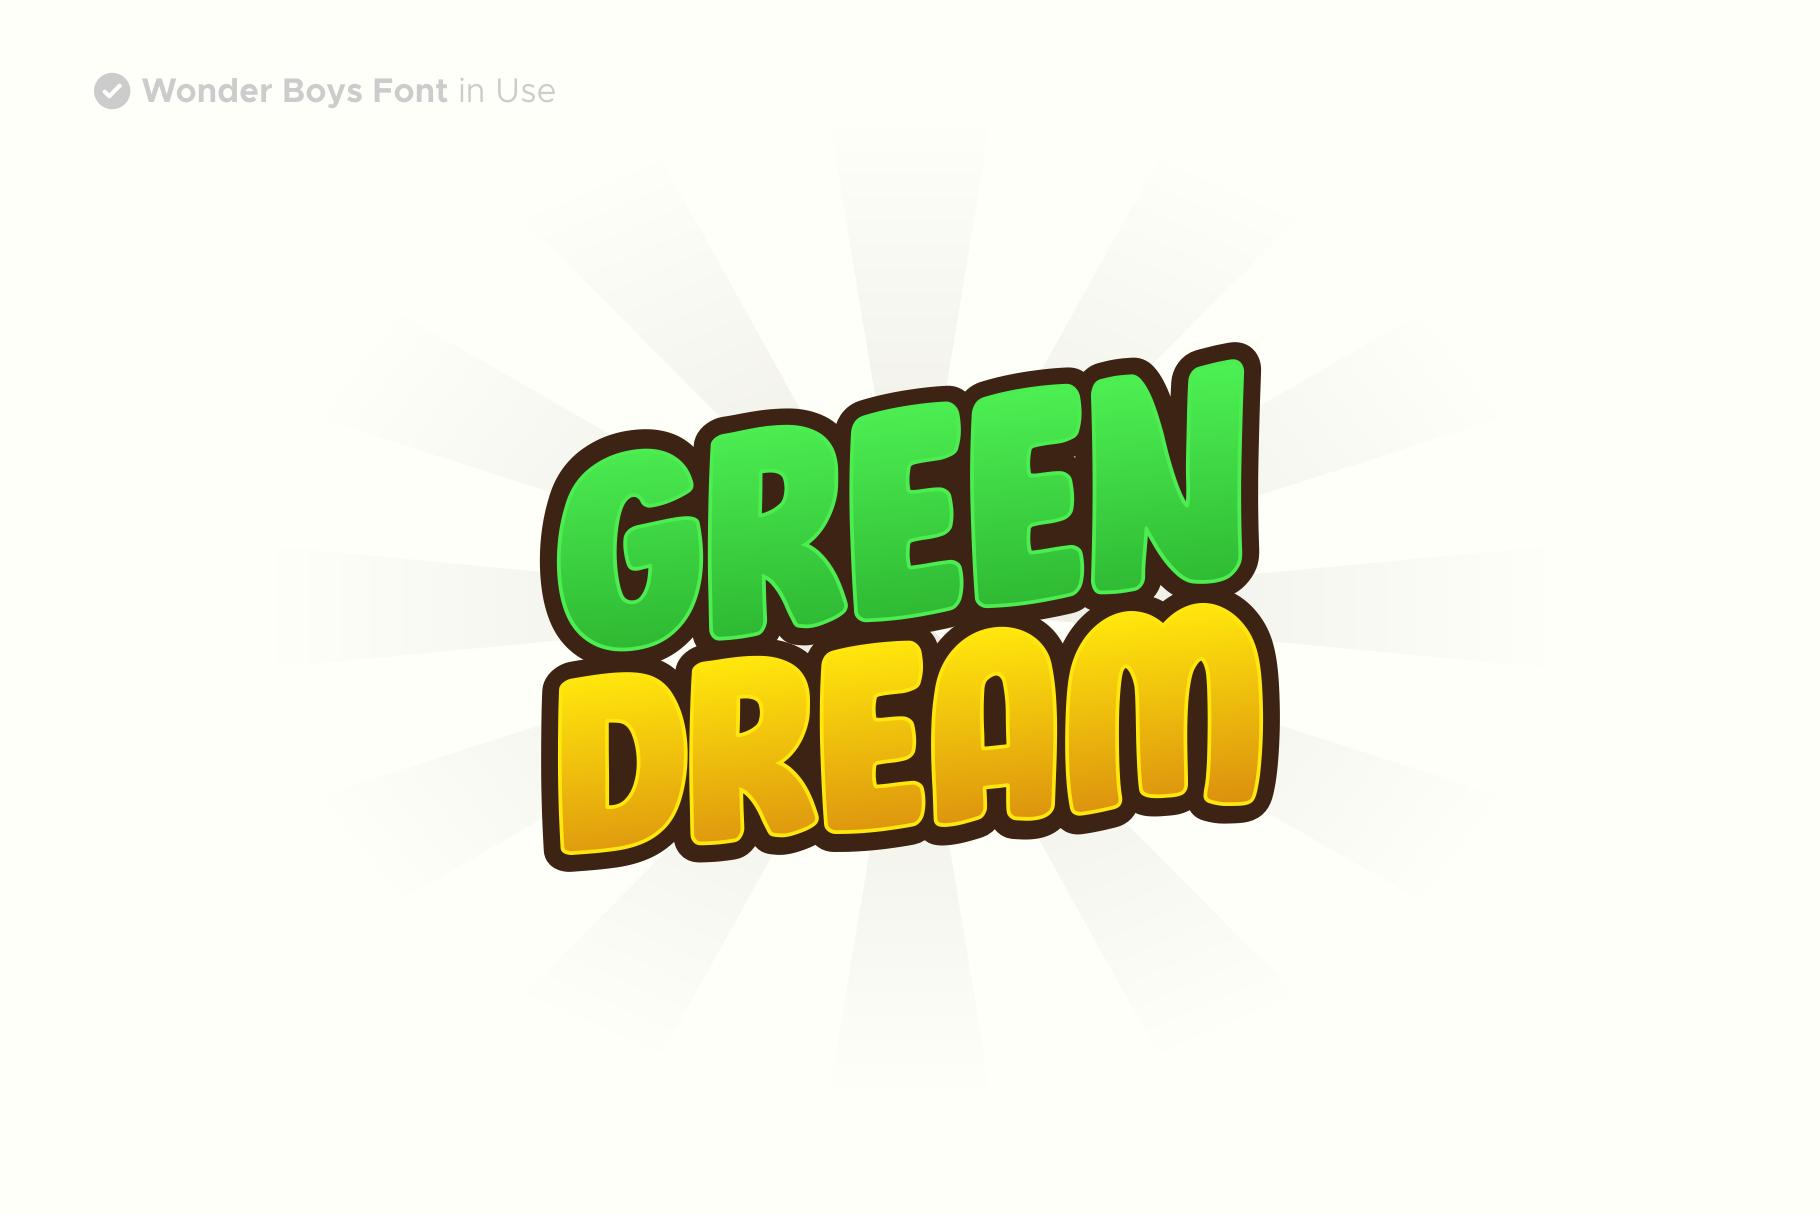 Wonder Boys - Fun Kids Font Display example image 5